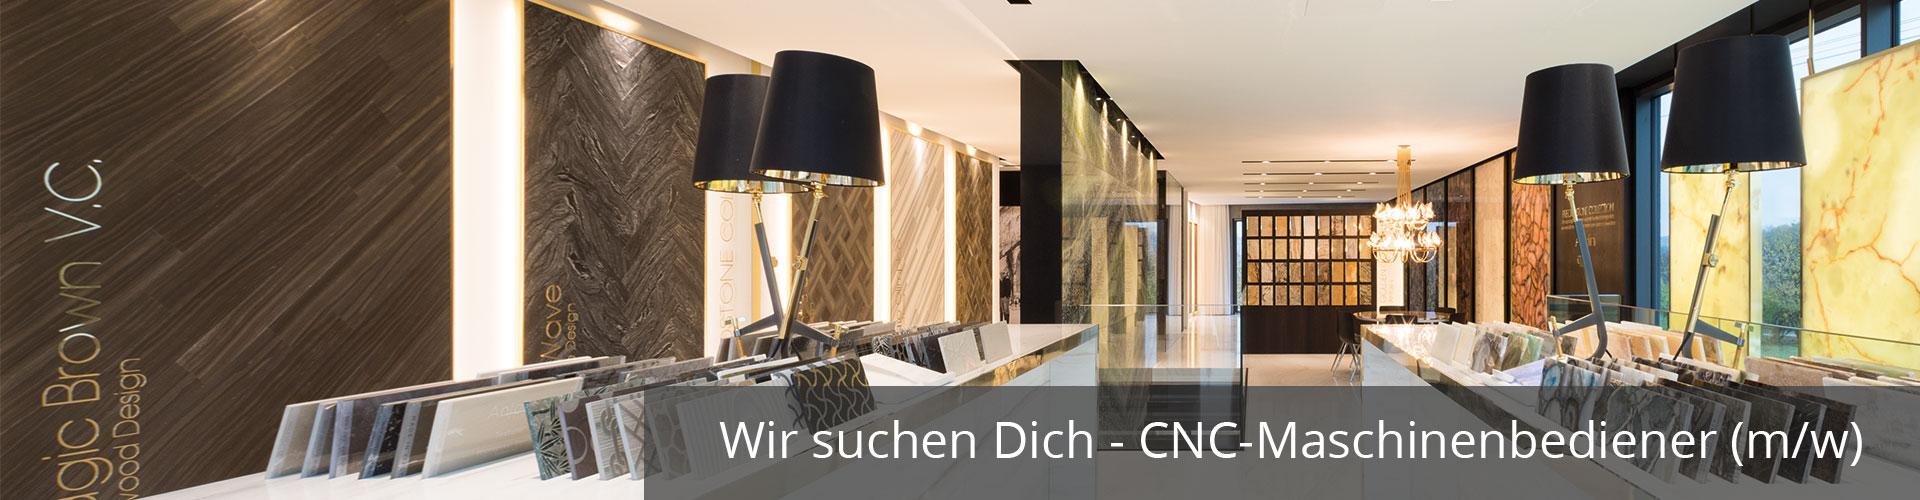 cnc_maschinenbediener